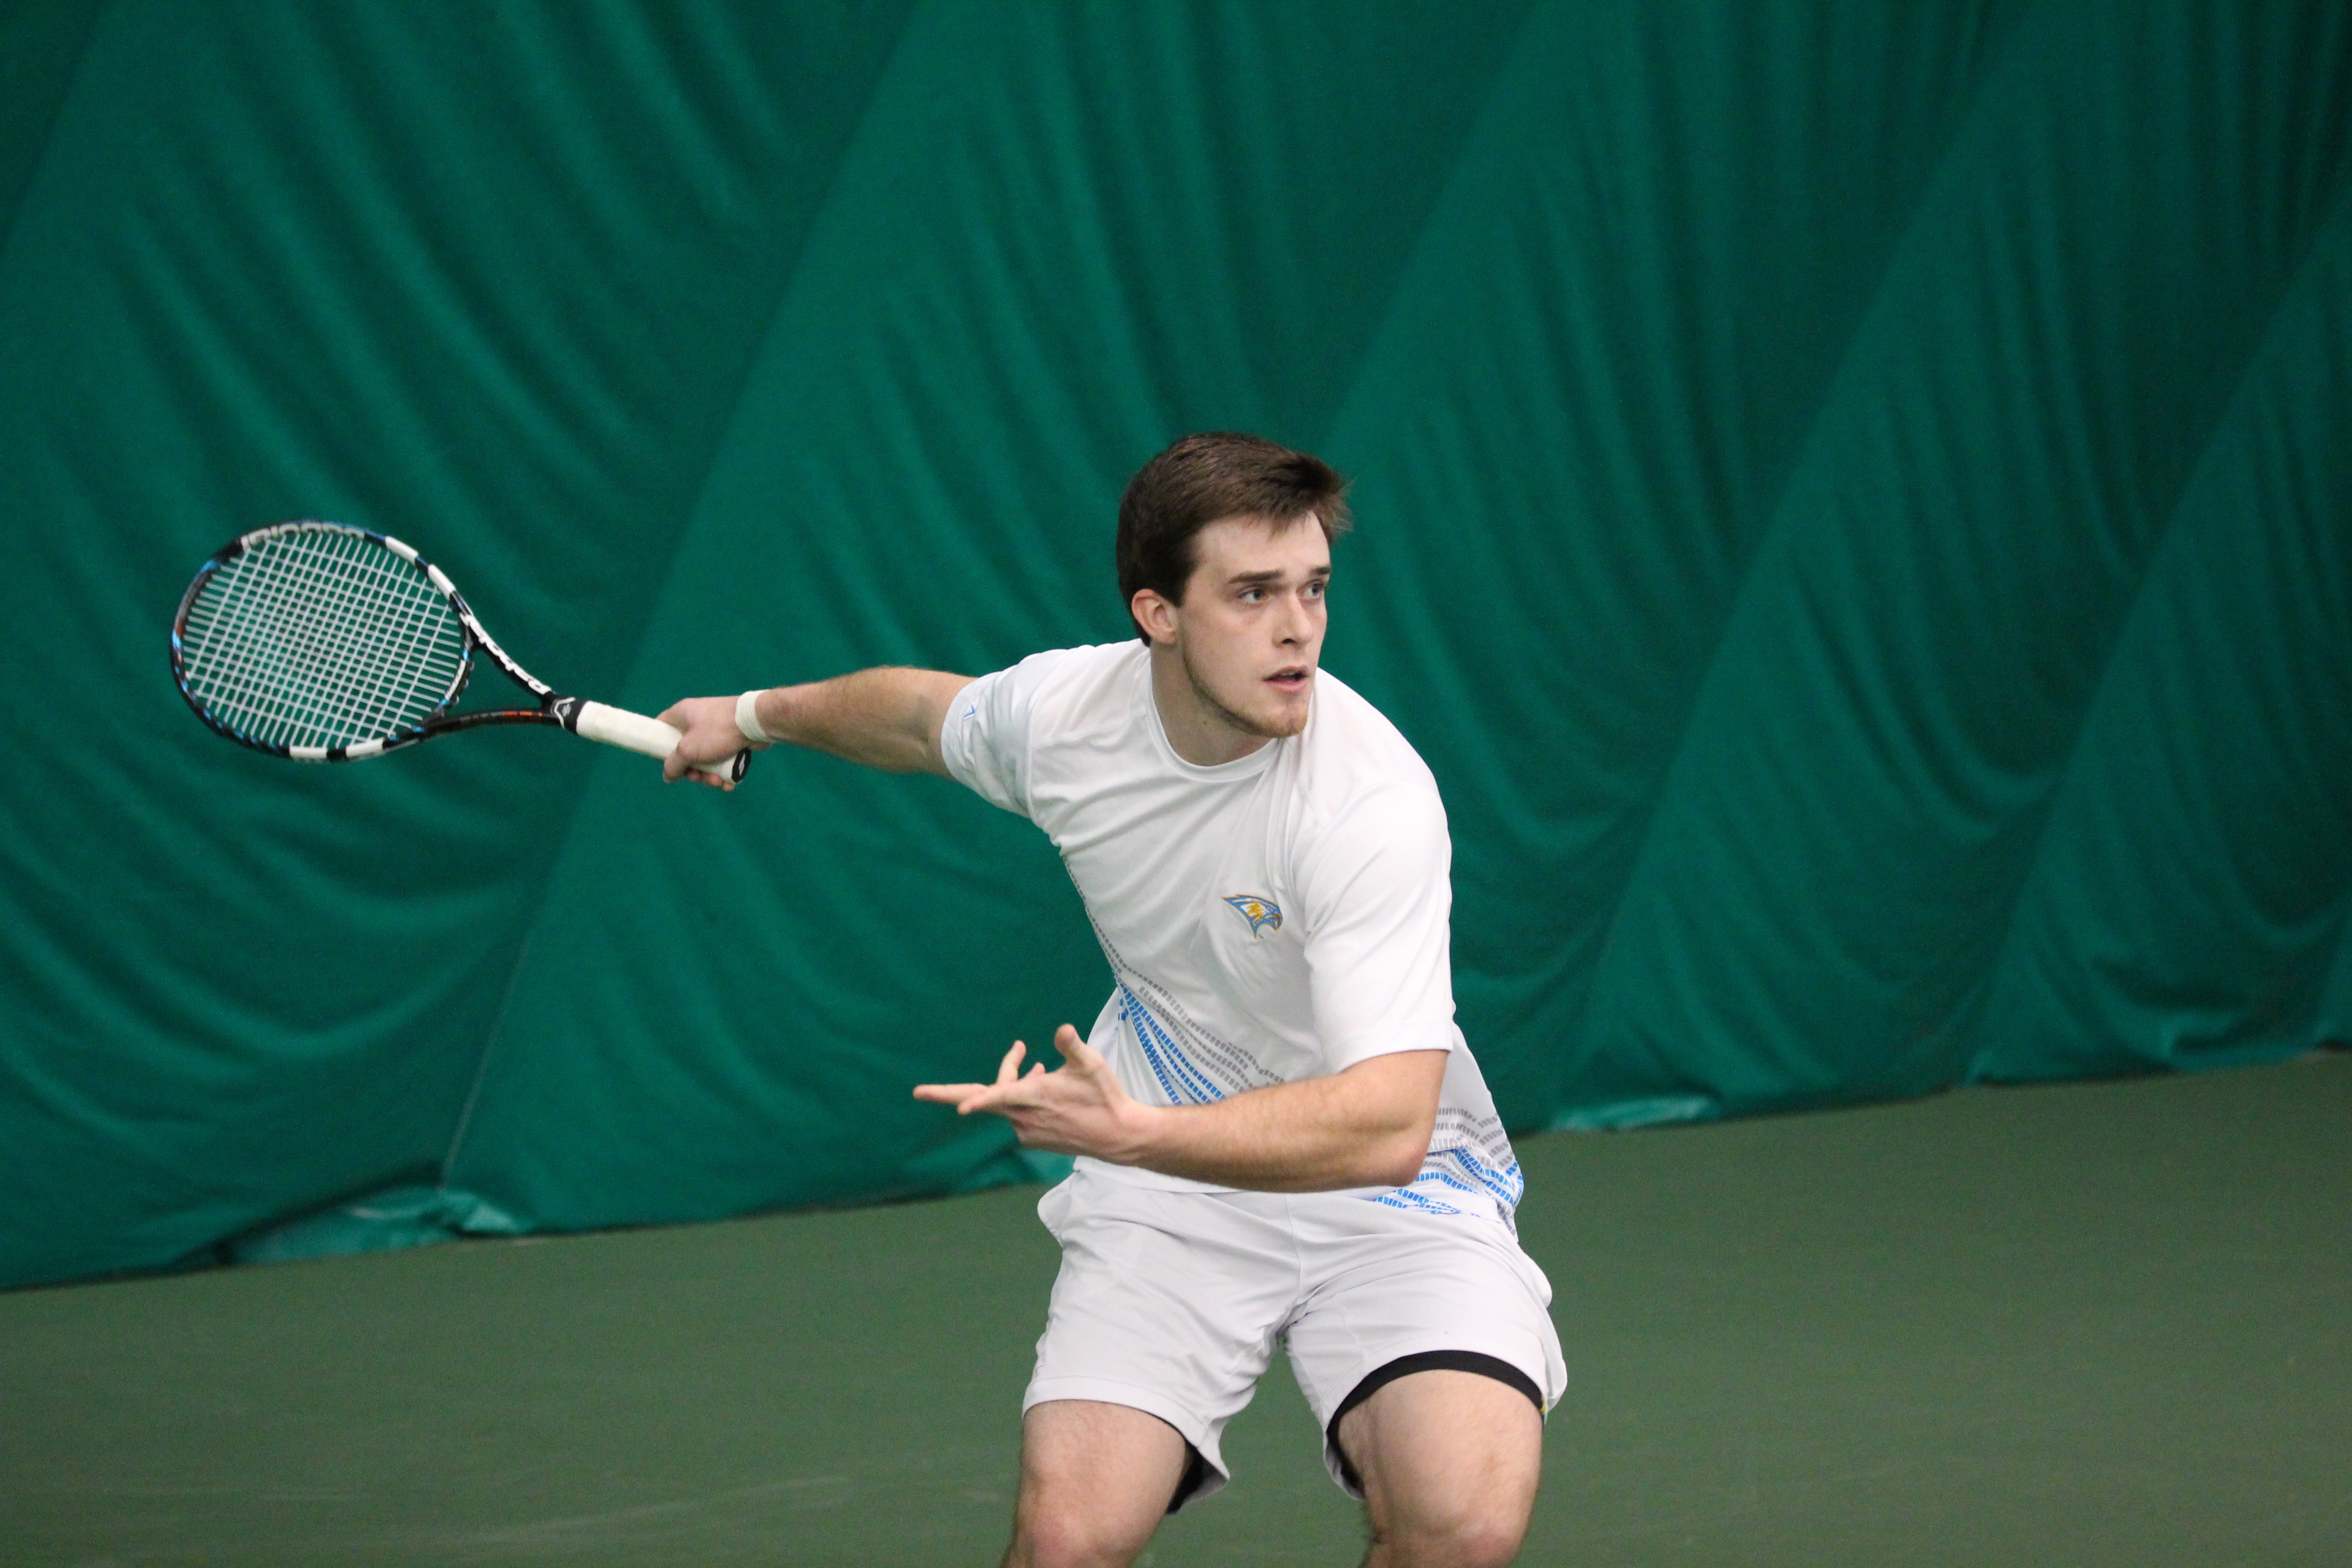 Men's tennis faces challenges